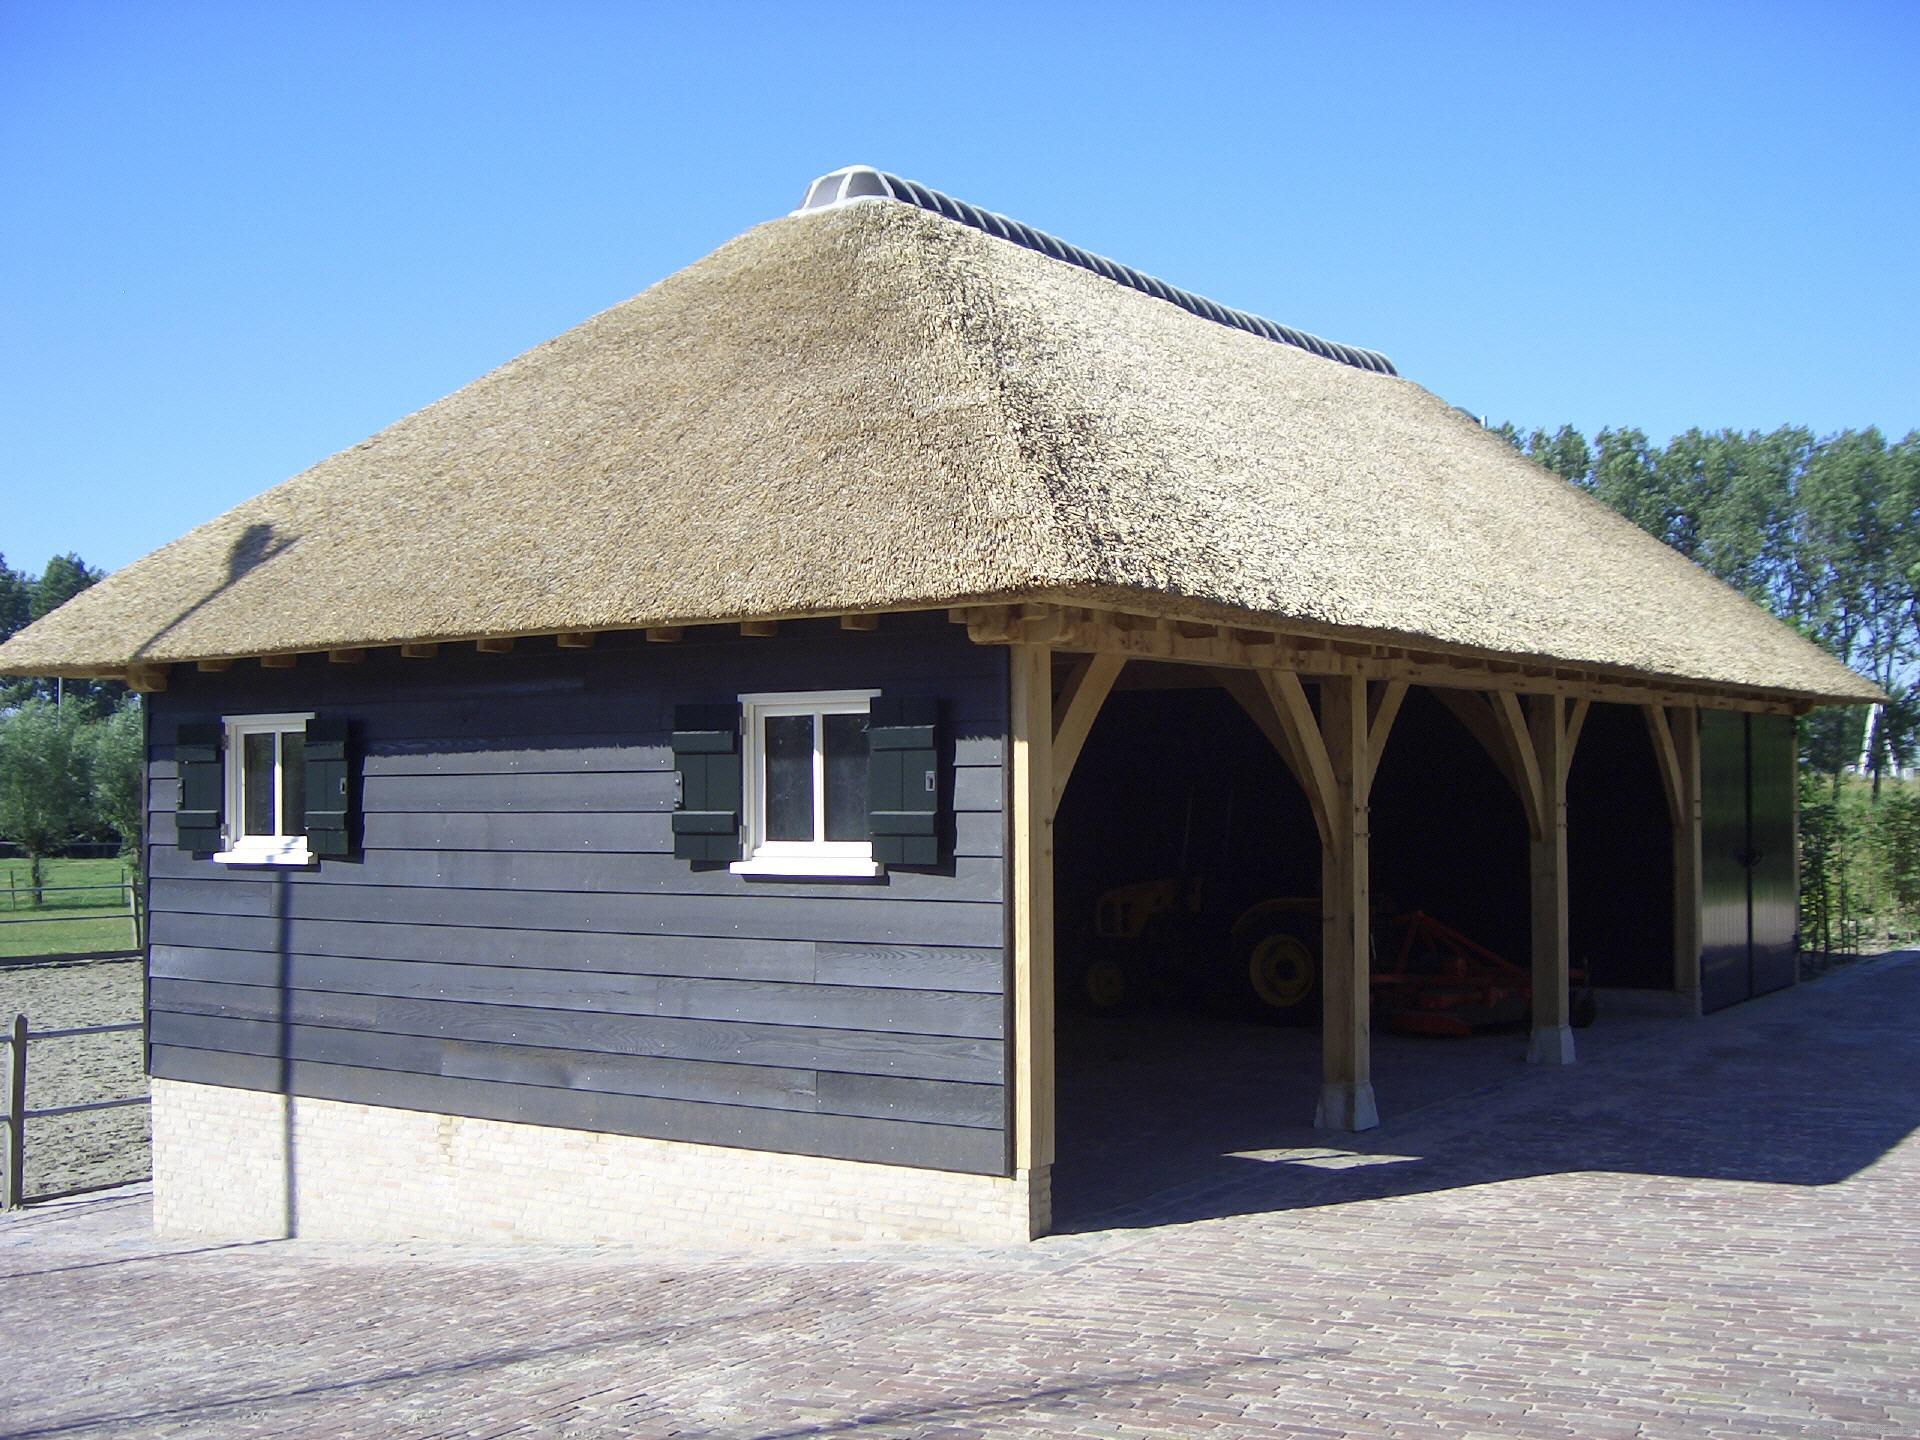 E d bouwpakketten en houtbewerking eiken bijgebouwen en eiken gebinten voor uw eiken carport - Te bouwen zijn bibliotheek ...